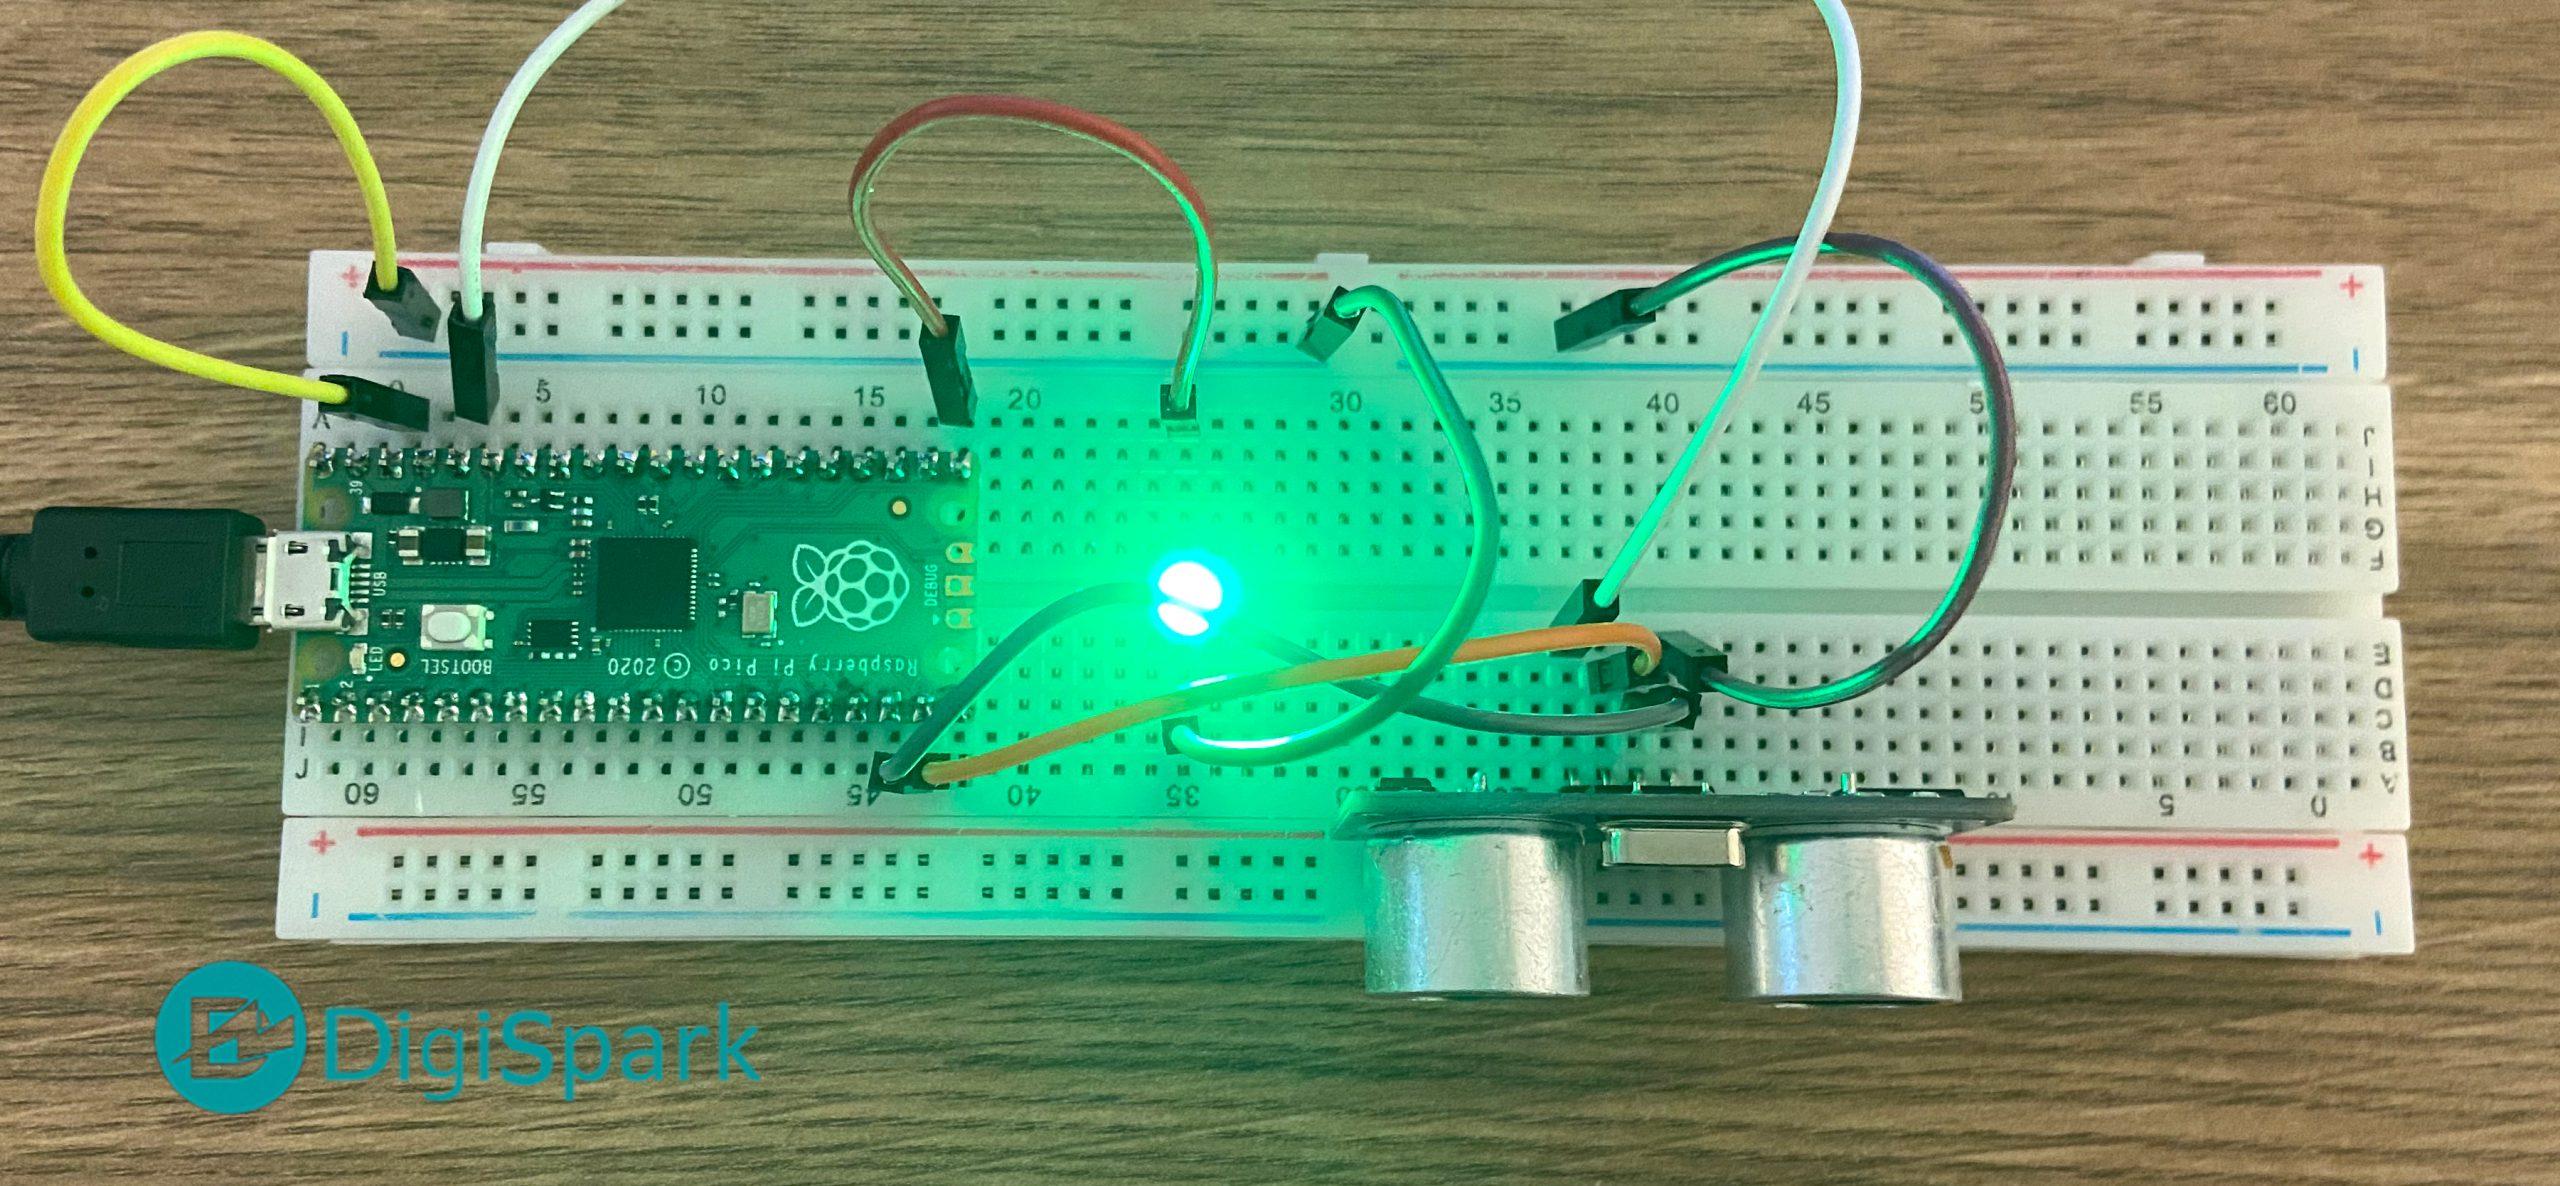 راه اندازی سنسور فاصله سنج آلتراسونیک SRF با رزبری پای پیکو - دیجی اسپارک